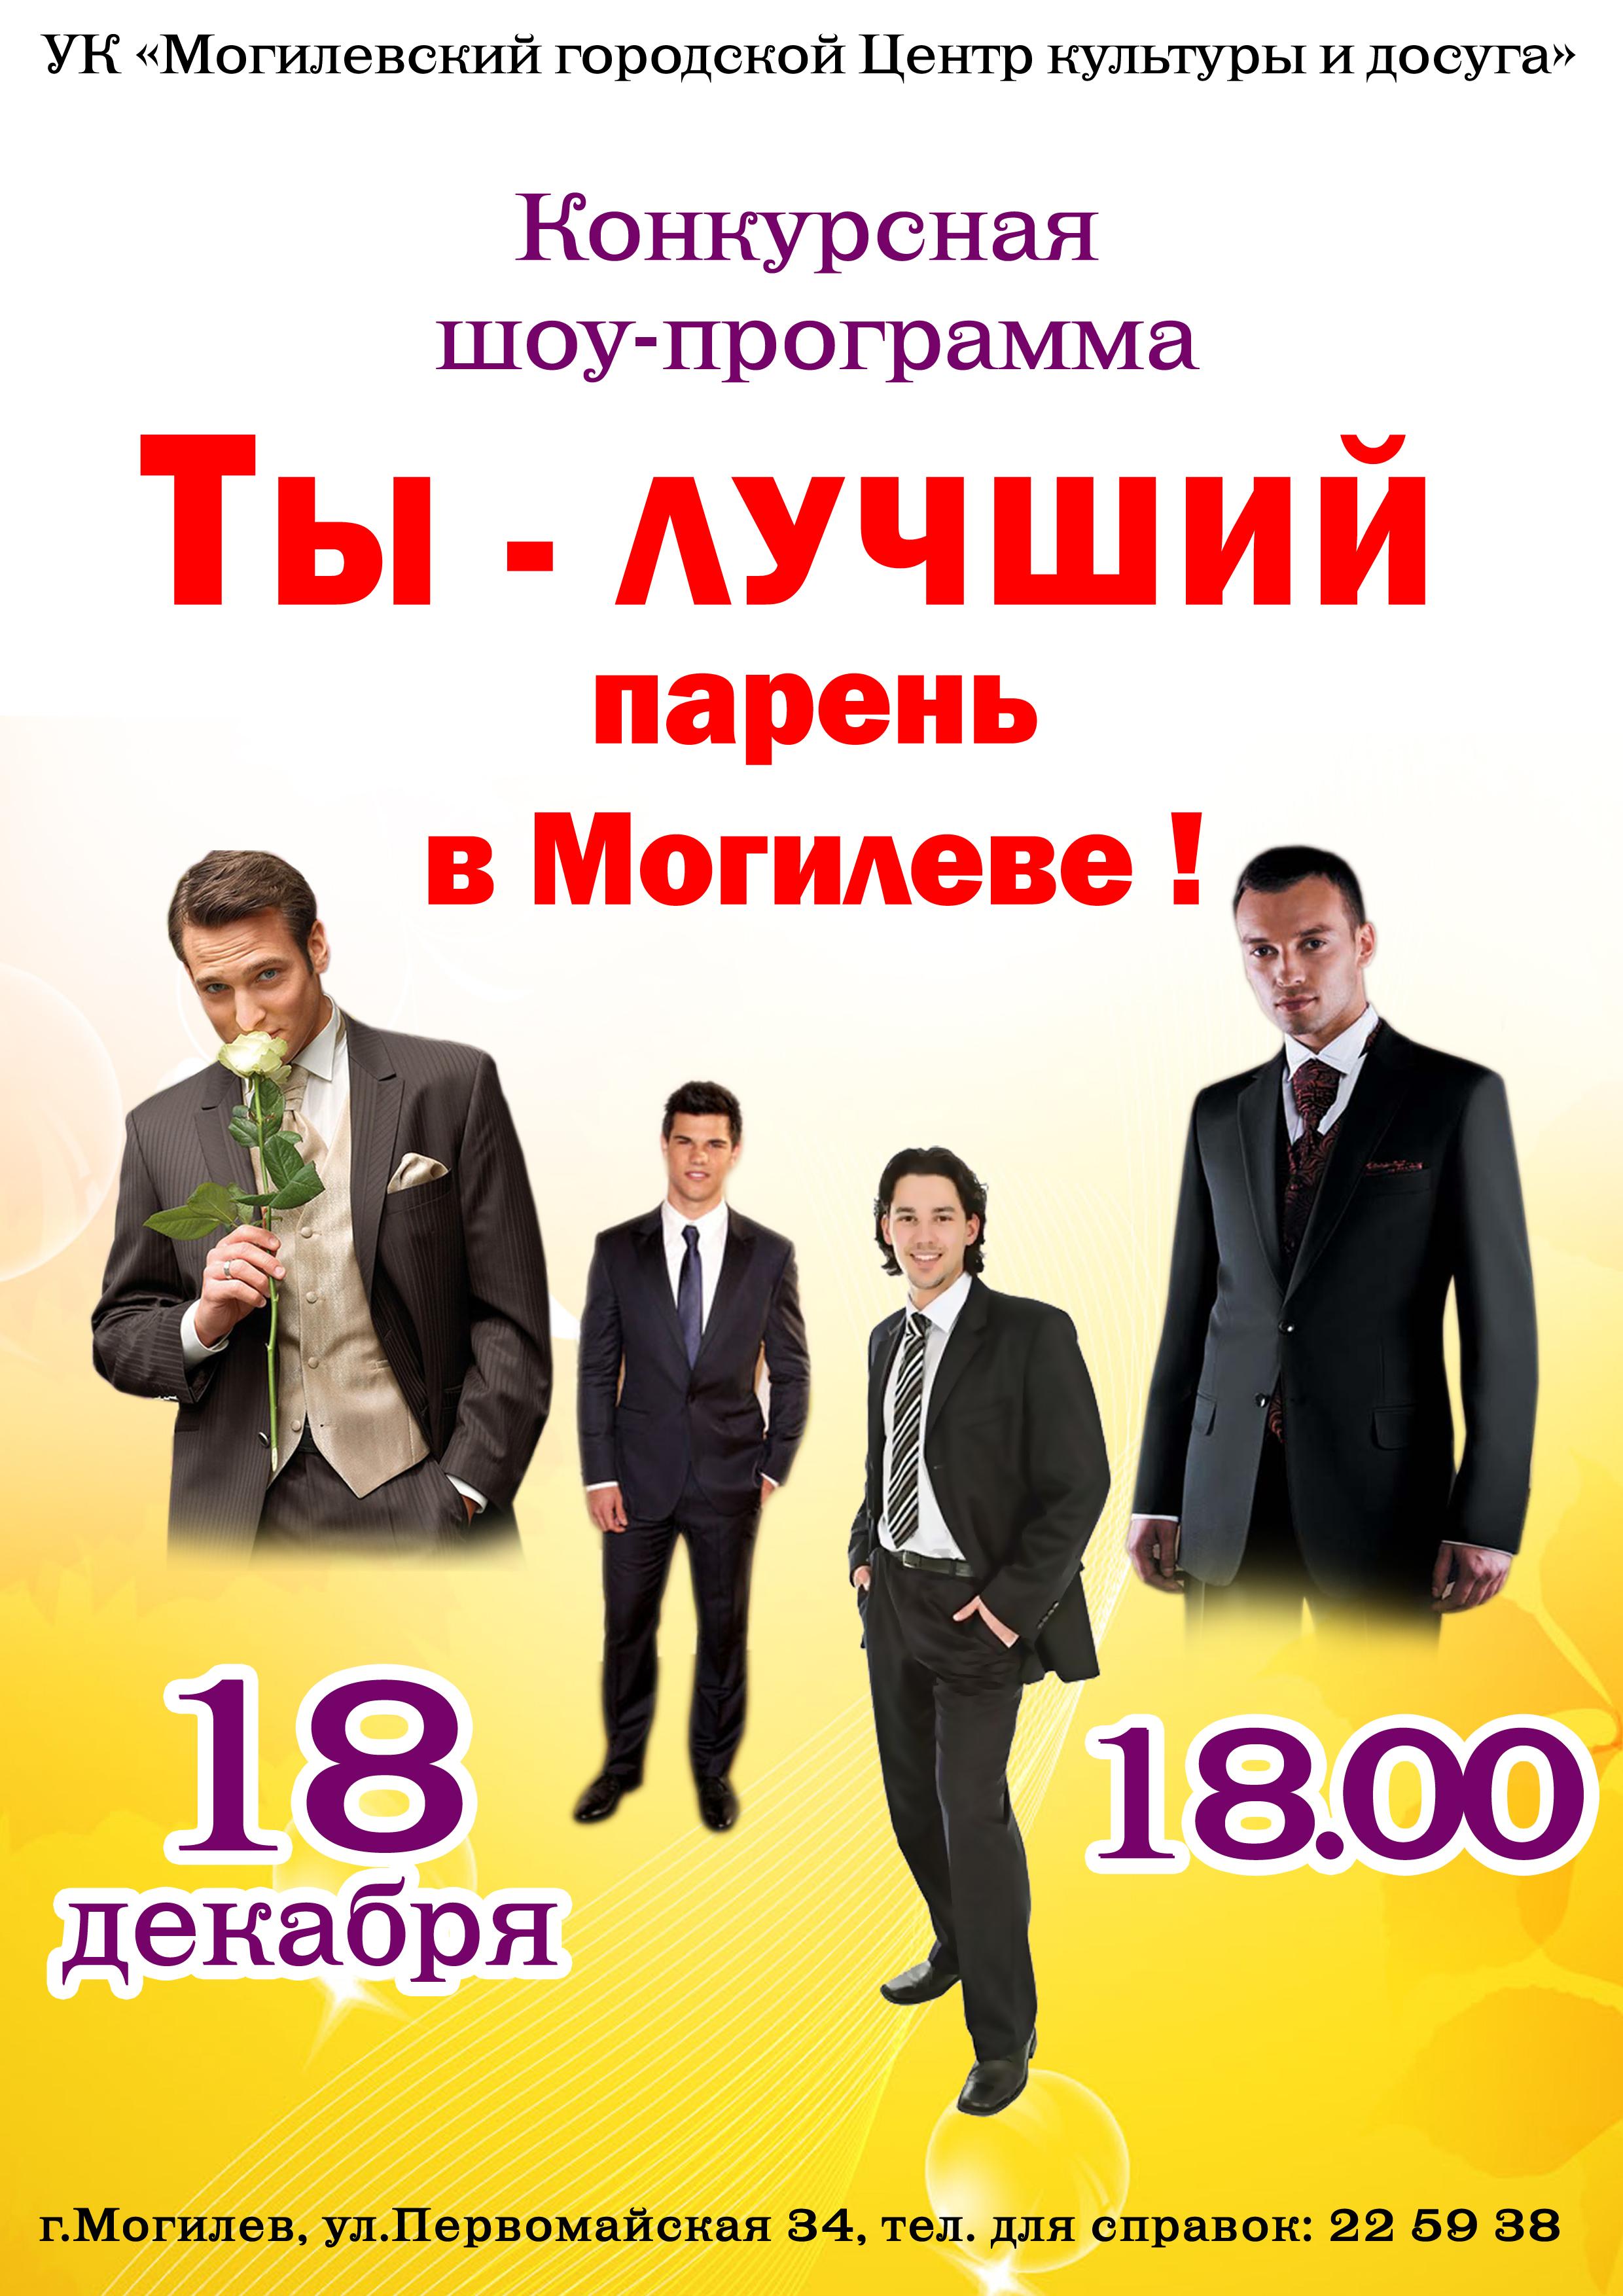 объявления о знакомстве город челябинск